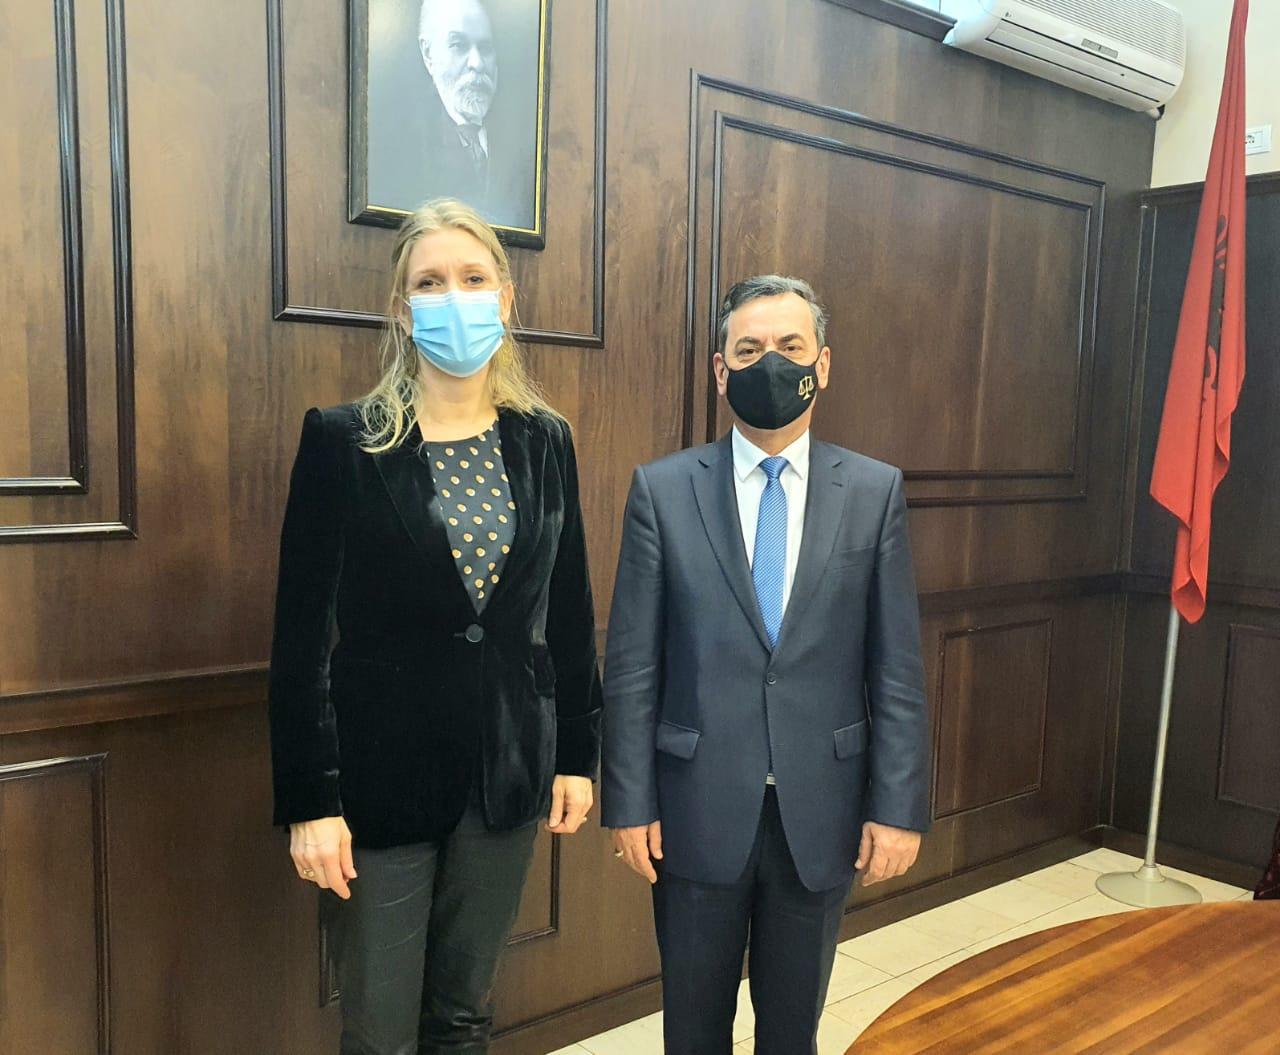 Ambasadorja e Mbretërisë së Hollandës në Tiranë Zj. Guusje Korthals-Altes dhe Zëvendës Ambasadori, Z. Rogier Nouëen, janë pritur  të martën, (26.01.2021) në Gjykatën e Lartë nga Zëvendëskryetari i i kësaj gjykate Z. Sokol Sadushi.